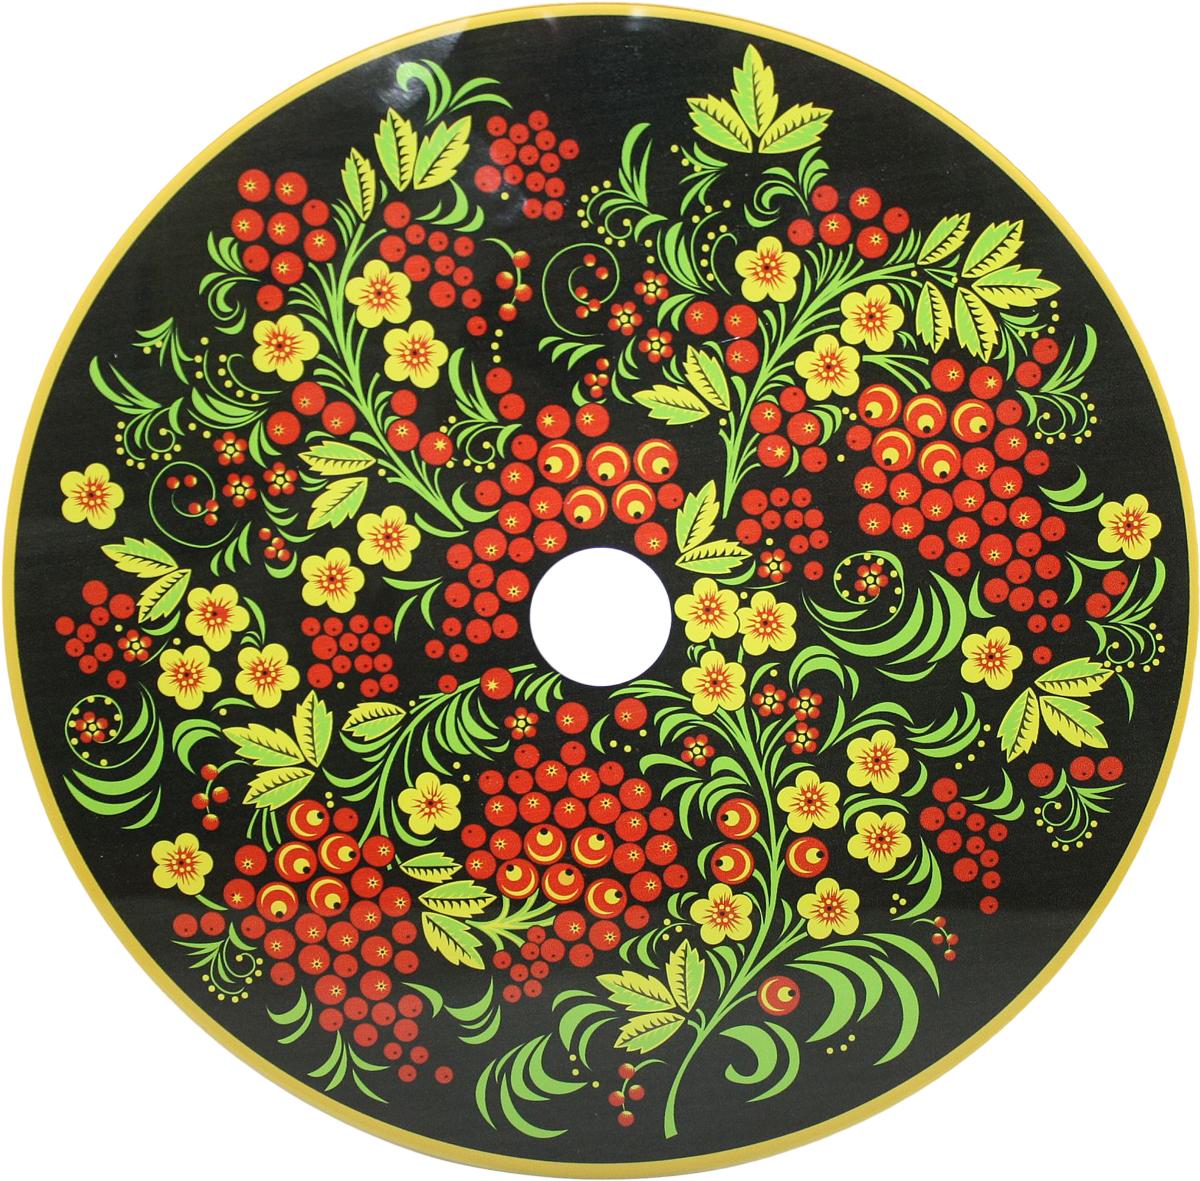 Блюдо Vellarti Хохлома, вращающееся, диаметр 30 см. 21700221924241Круглое блюдо Vellarti Хохлома выполнено из высококачественного стекла и дополнено красивымпринтом. Блюдо оснащено небольшой круглой подставкой и крутящимся механизмом.Изделие отлично подходит для сервировки закусок, нарезок, канапе, горячих блюд и многогодругого.Такое блюдо замечательно для торжественных случаев. Оно дополнит сервировкупраздничного стола и подчеркнет ваш прекрасный вкус. Диаметр блюда: 30 см.